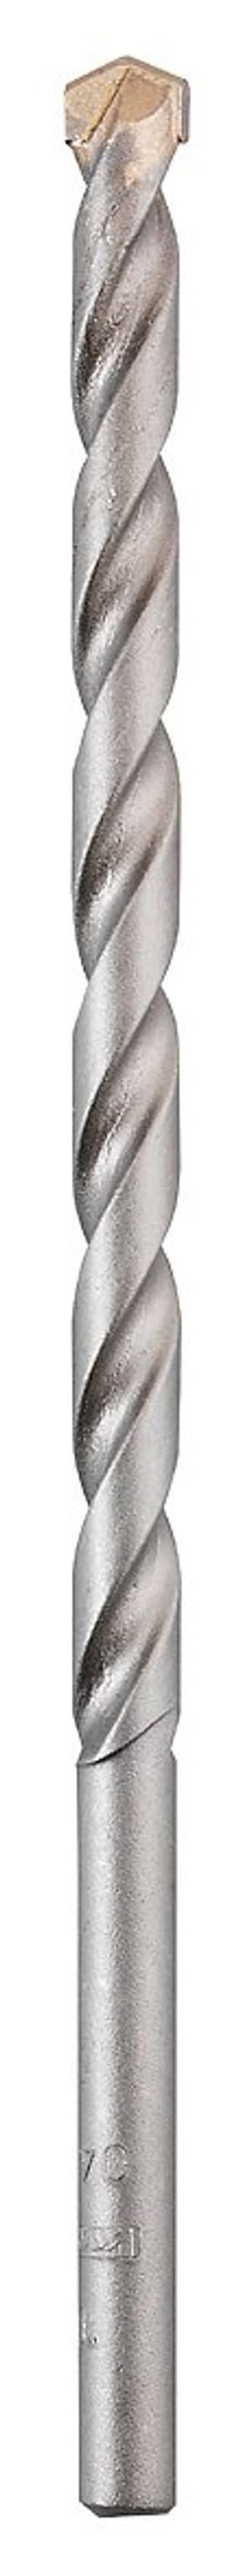 Mauerdurchbruchbohrer, 400 mm, ø 10 mm